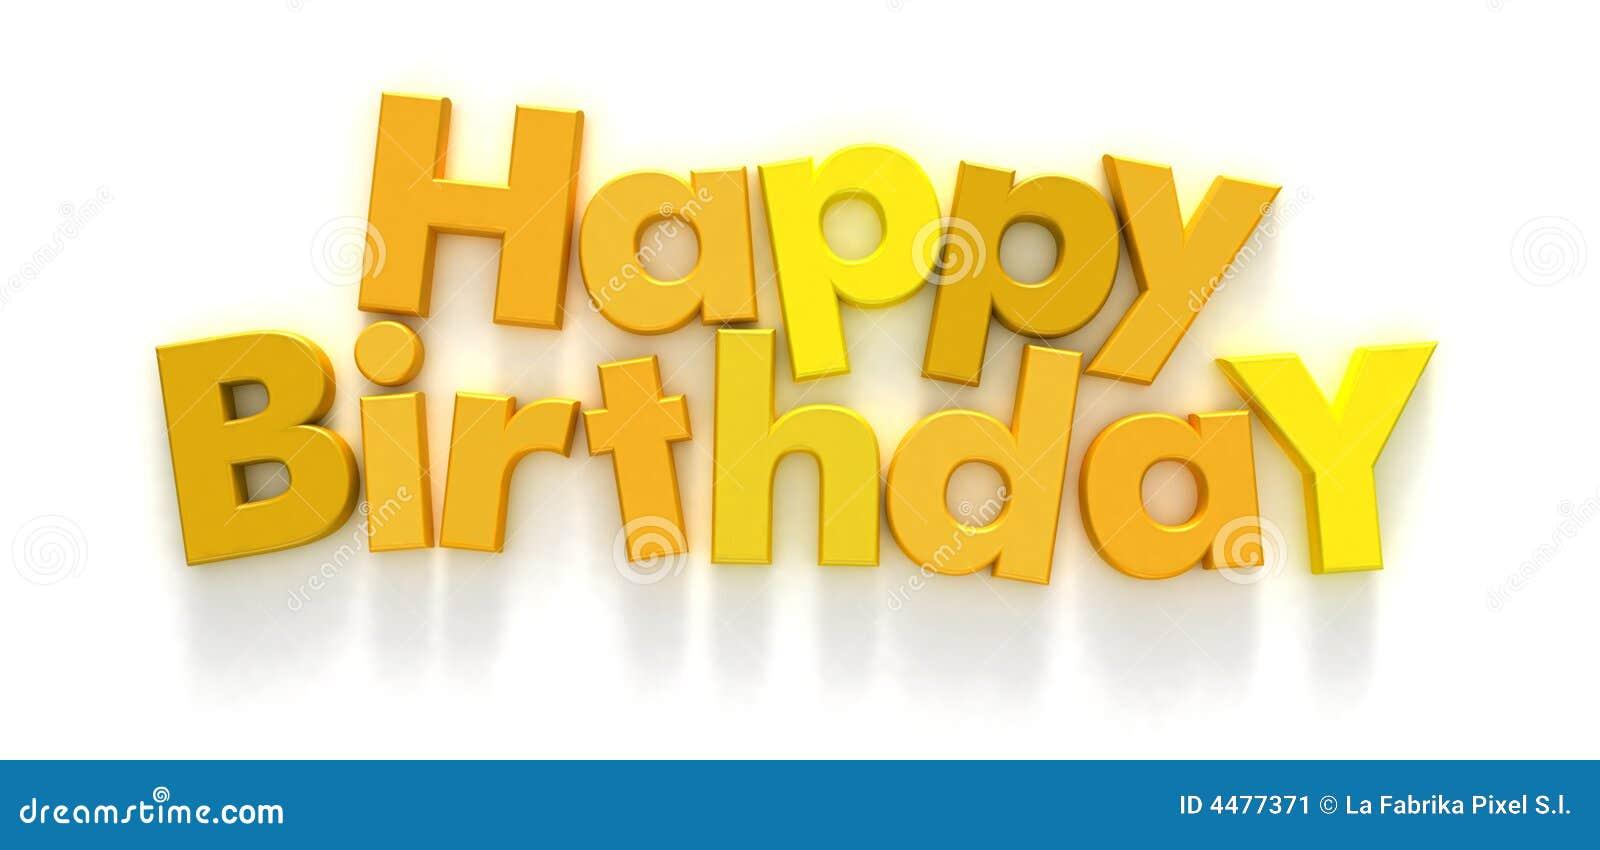 Alles Gute Zum Geburtstag In Den Gelben Zeichen Stock Abbildung